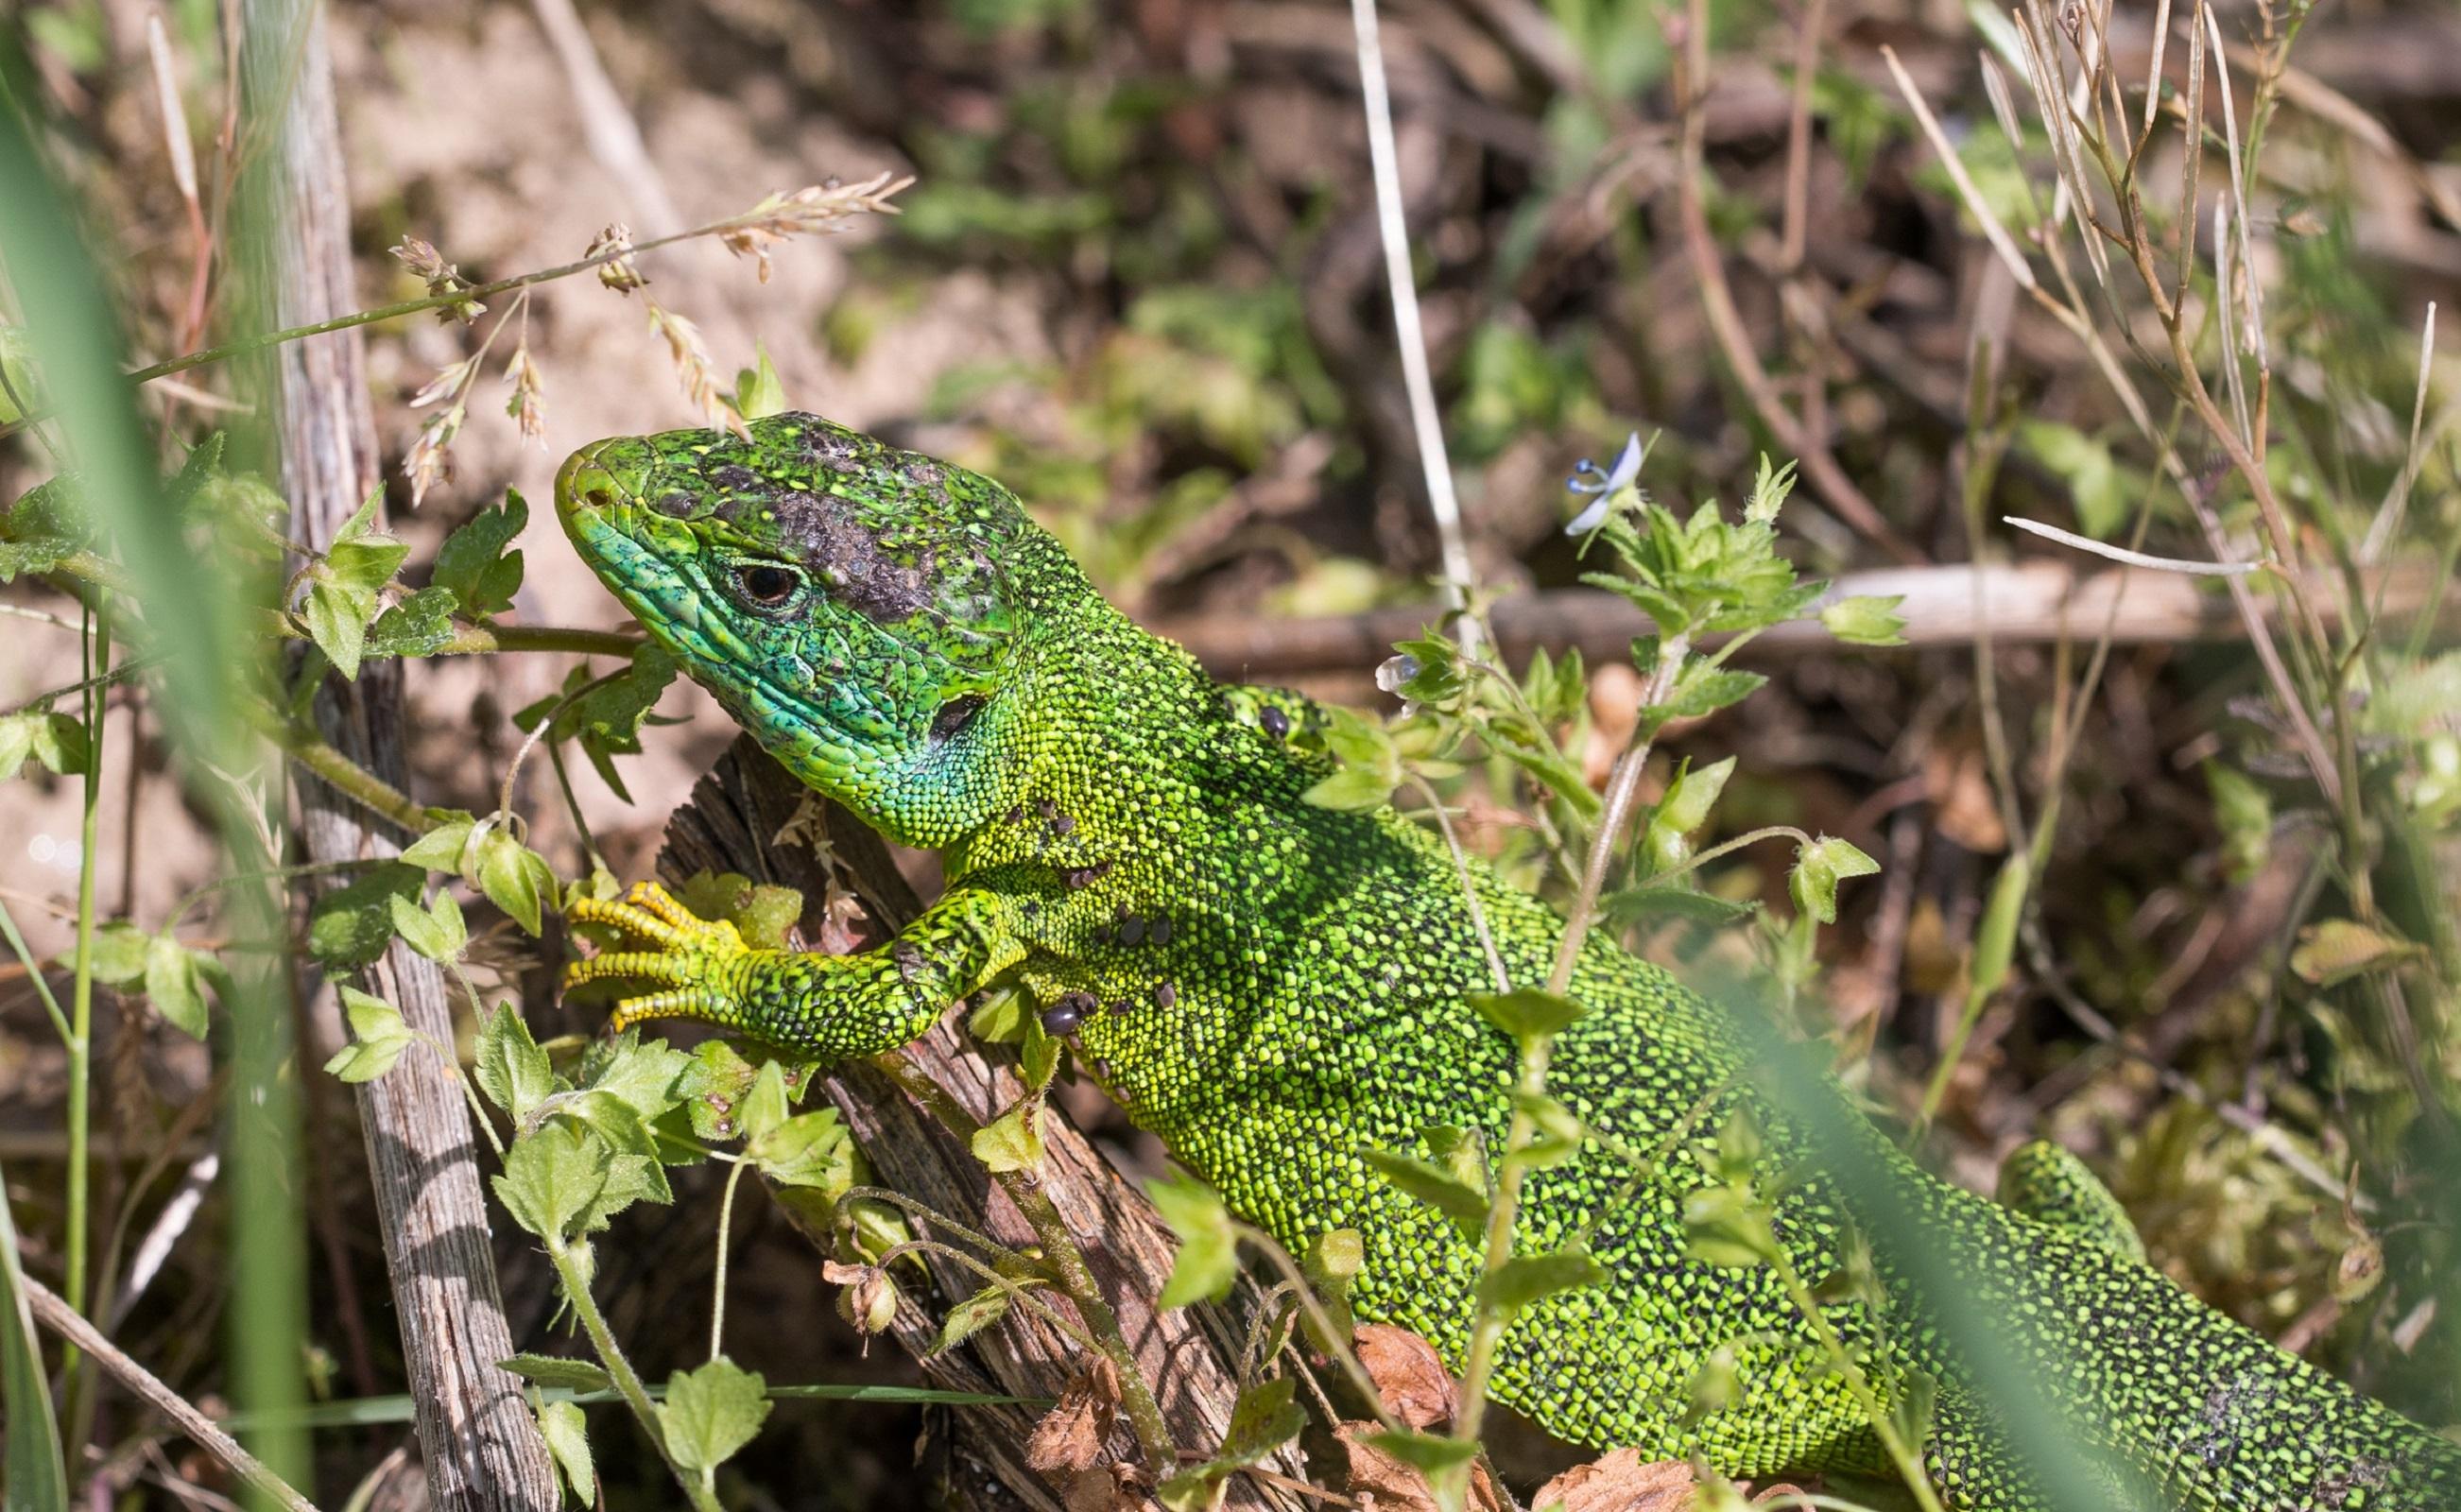 green lizard widescreen wallpaper background